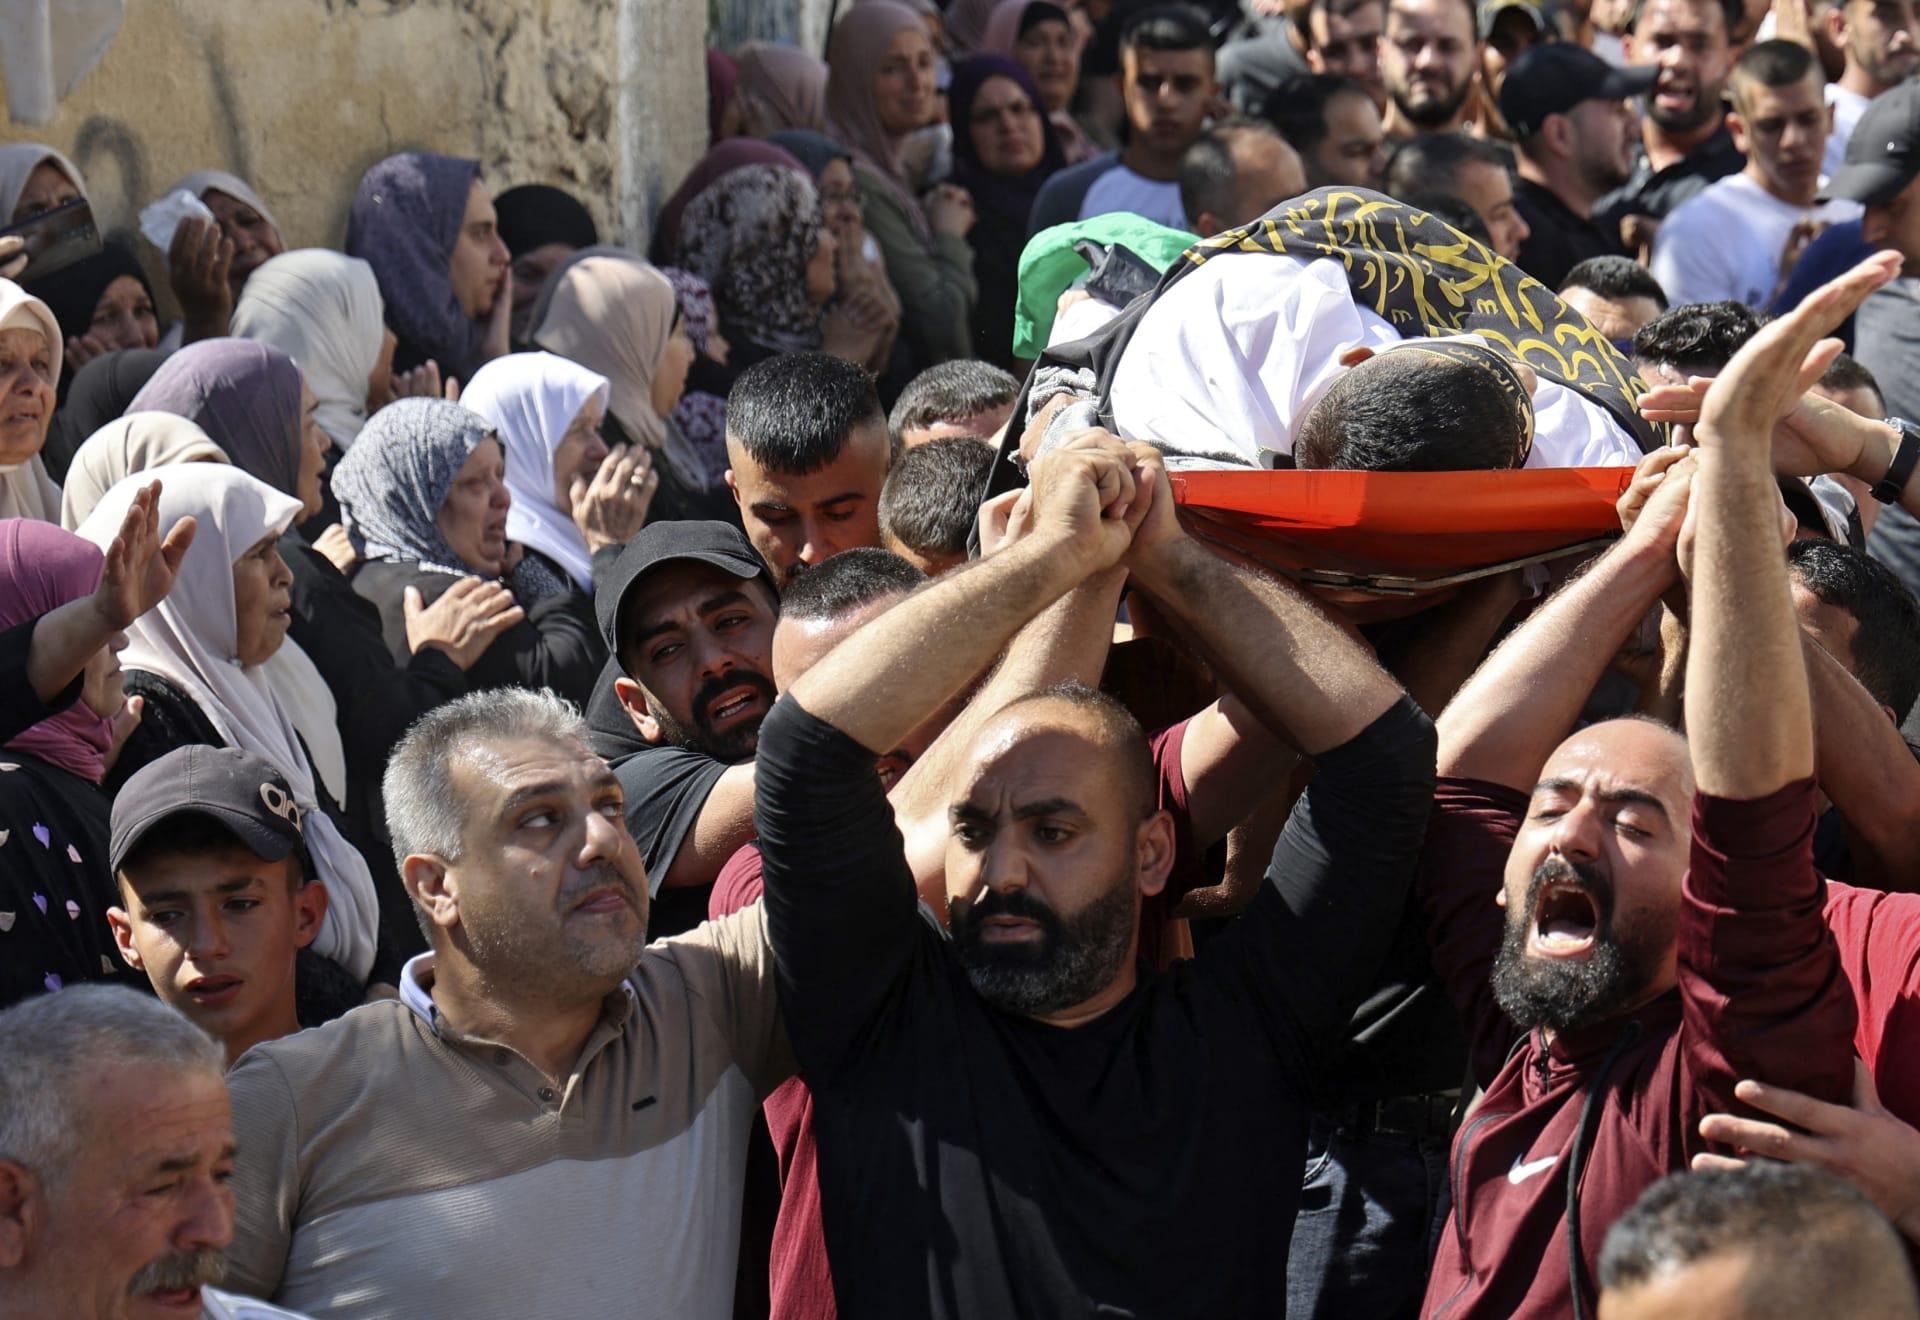 الجيش الإسرائيلي يعلن مقتل 4 فلسطينيين واعتقال 2 في الضفة الغربية